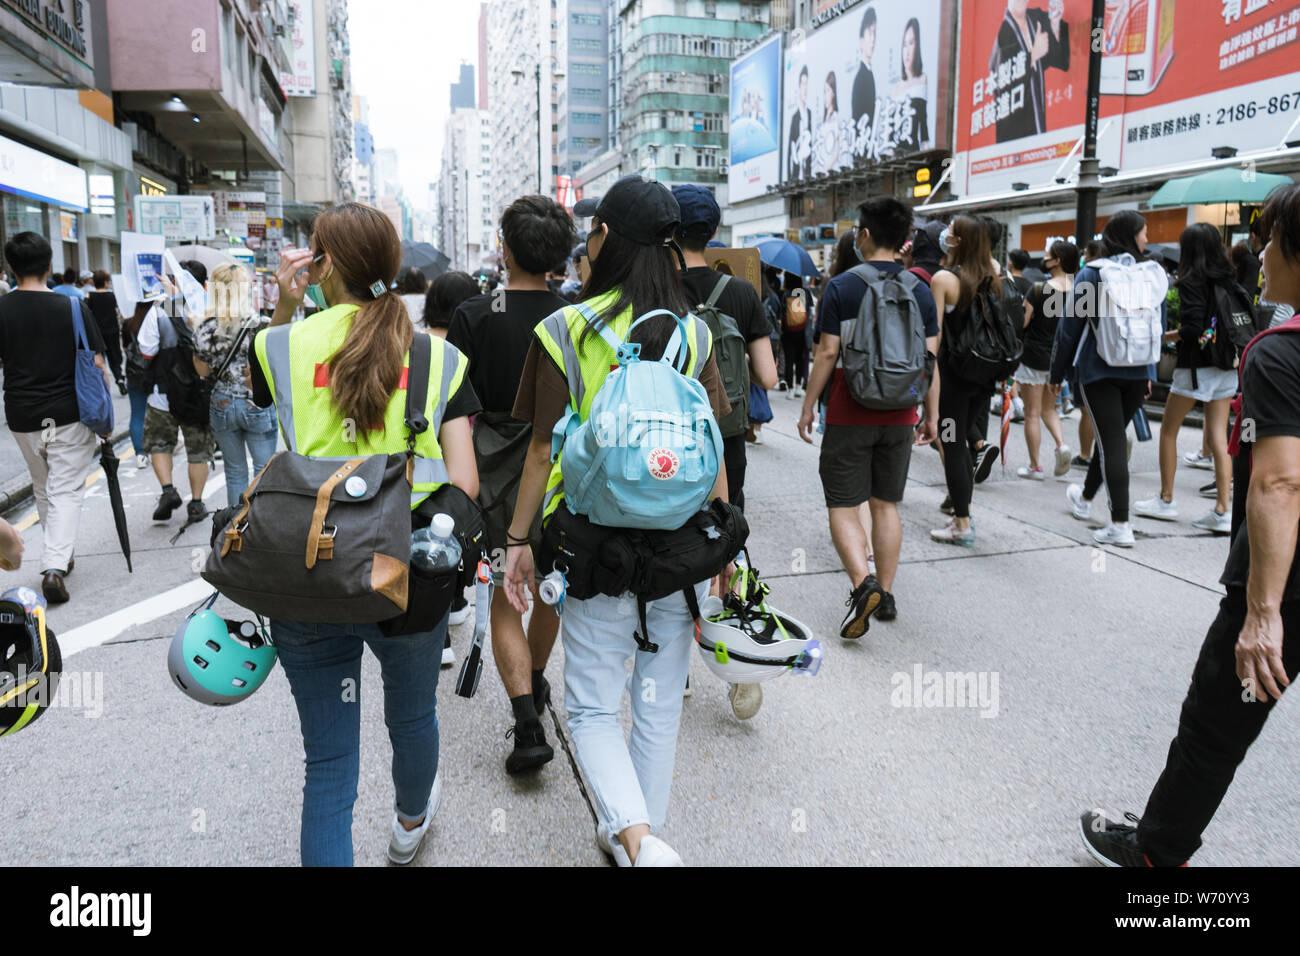 Hong Kong, Mongkok - 3 de agosto, 2019: protesta contra el proyecto de ley de extradición de Hong Kong. Miles de Hong Konger marcharon a lo largo de la Nathan Road. Foto de stock